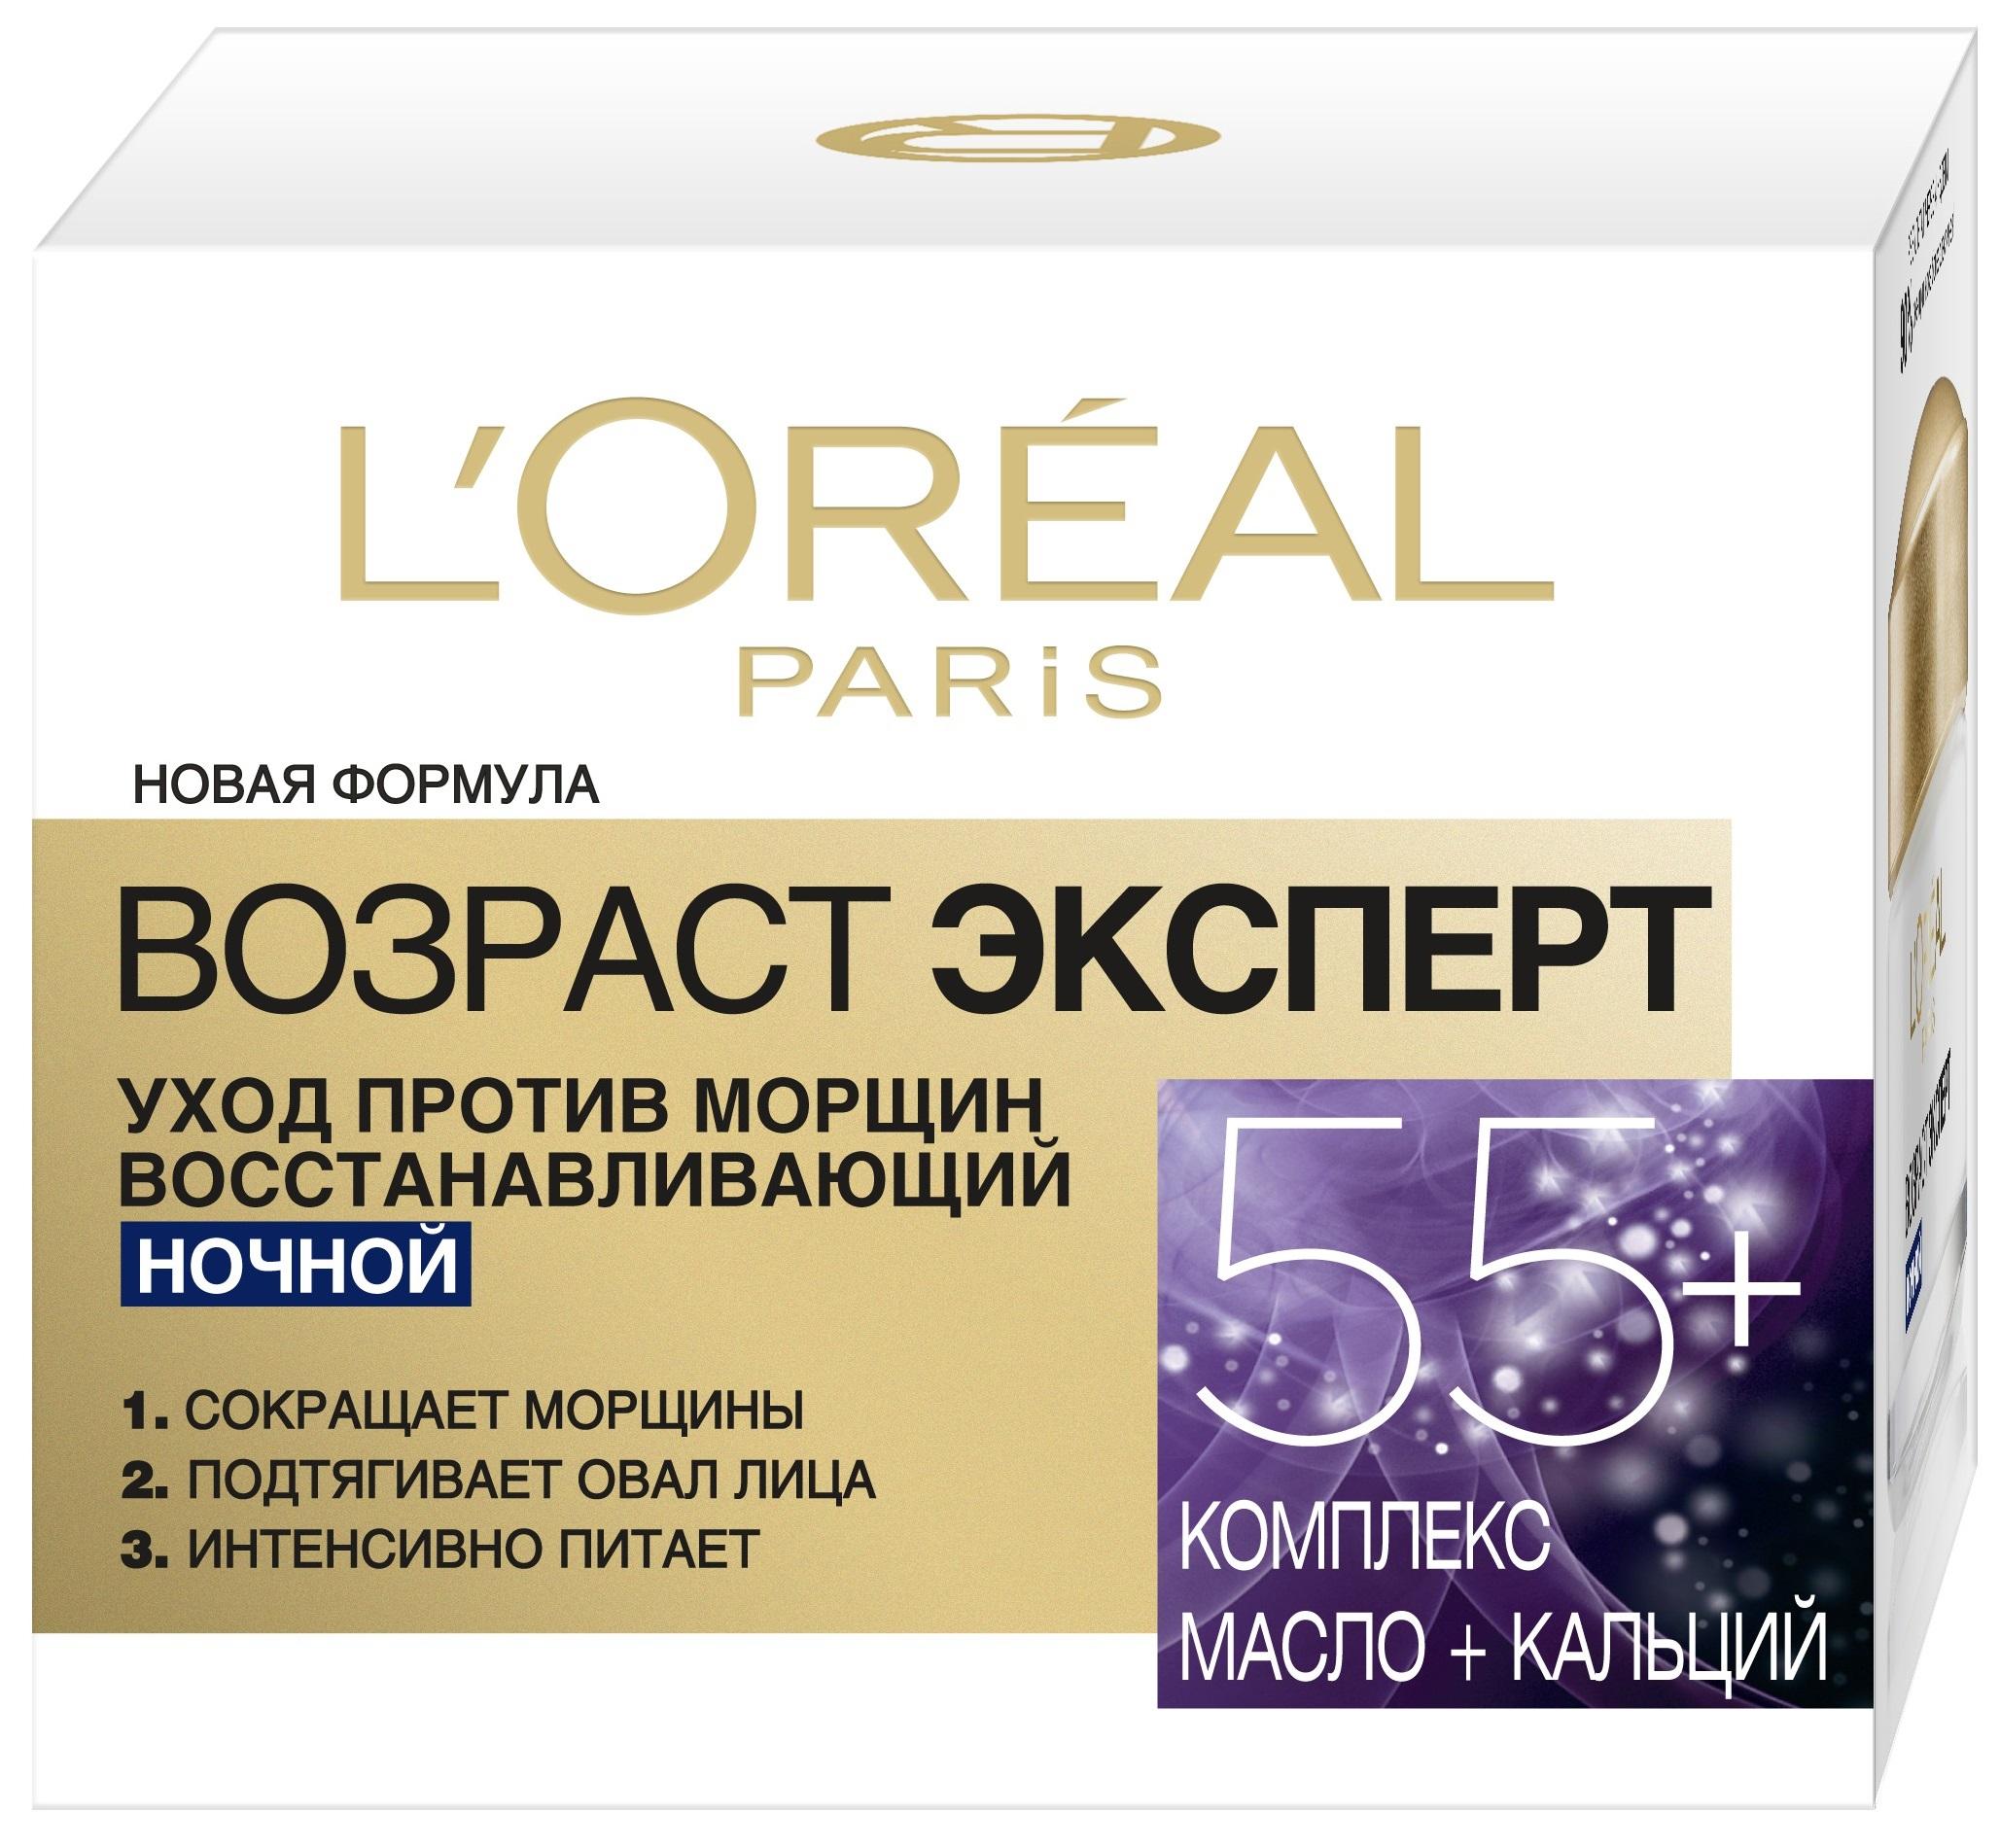 L'Oreal Paris Ночной антивозрастной крем Возраст эксперт 55+ против морщин, восстанавливающий, 50 мл крем для лица loreal paris возраст эксперт 50 мл ночной a7821100